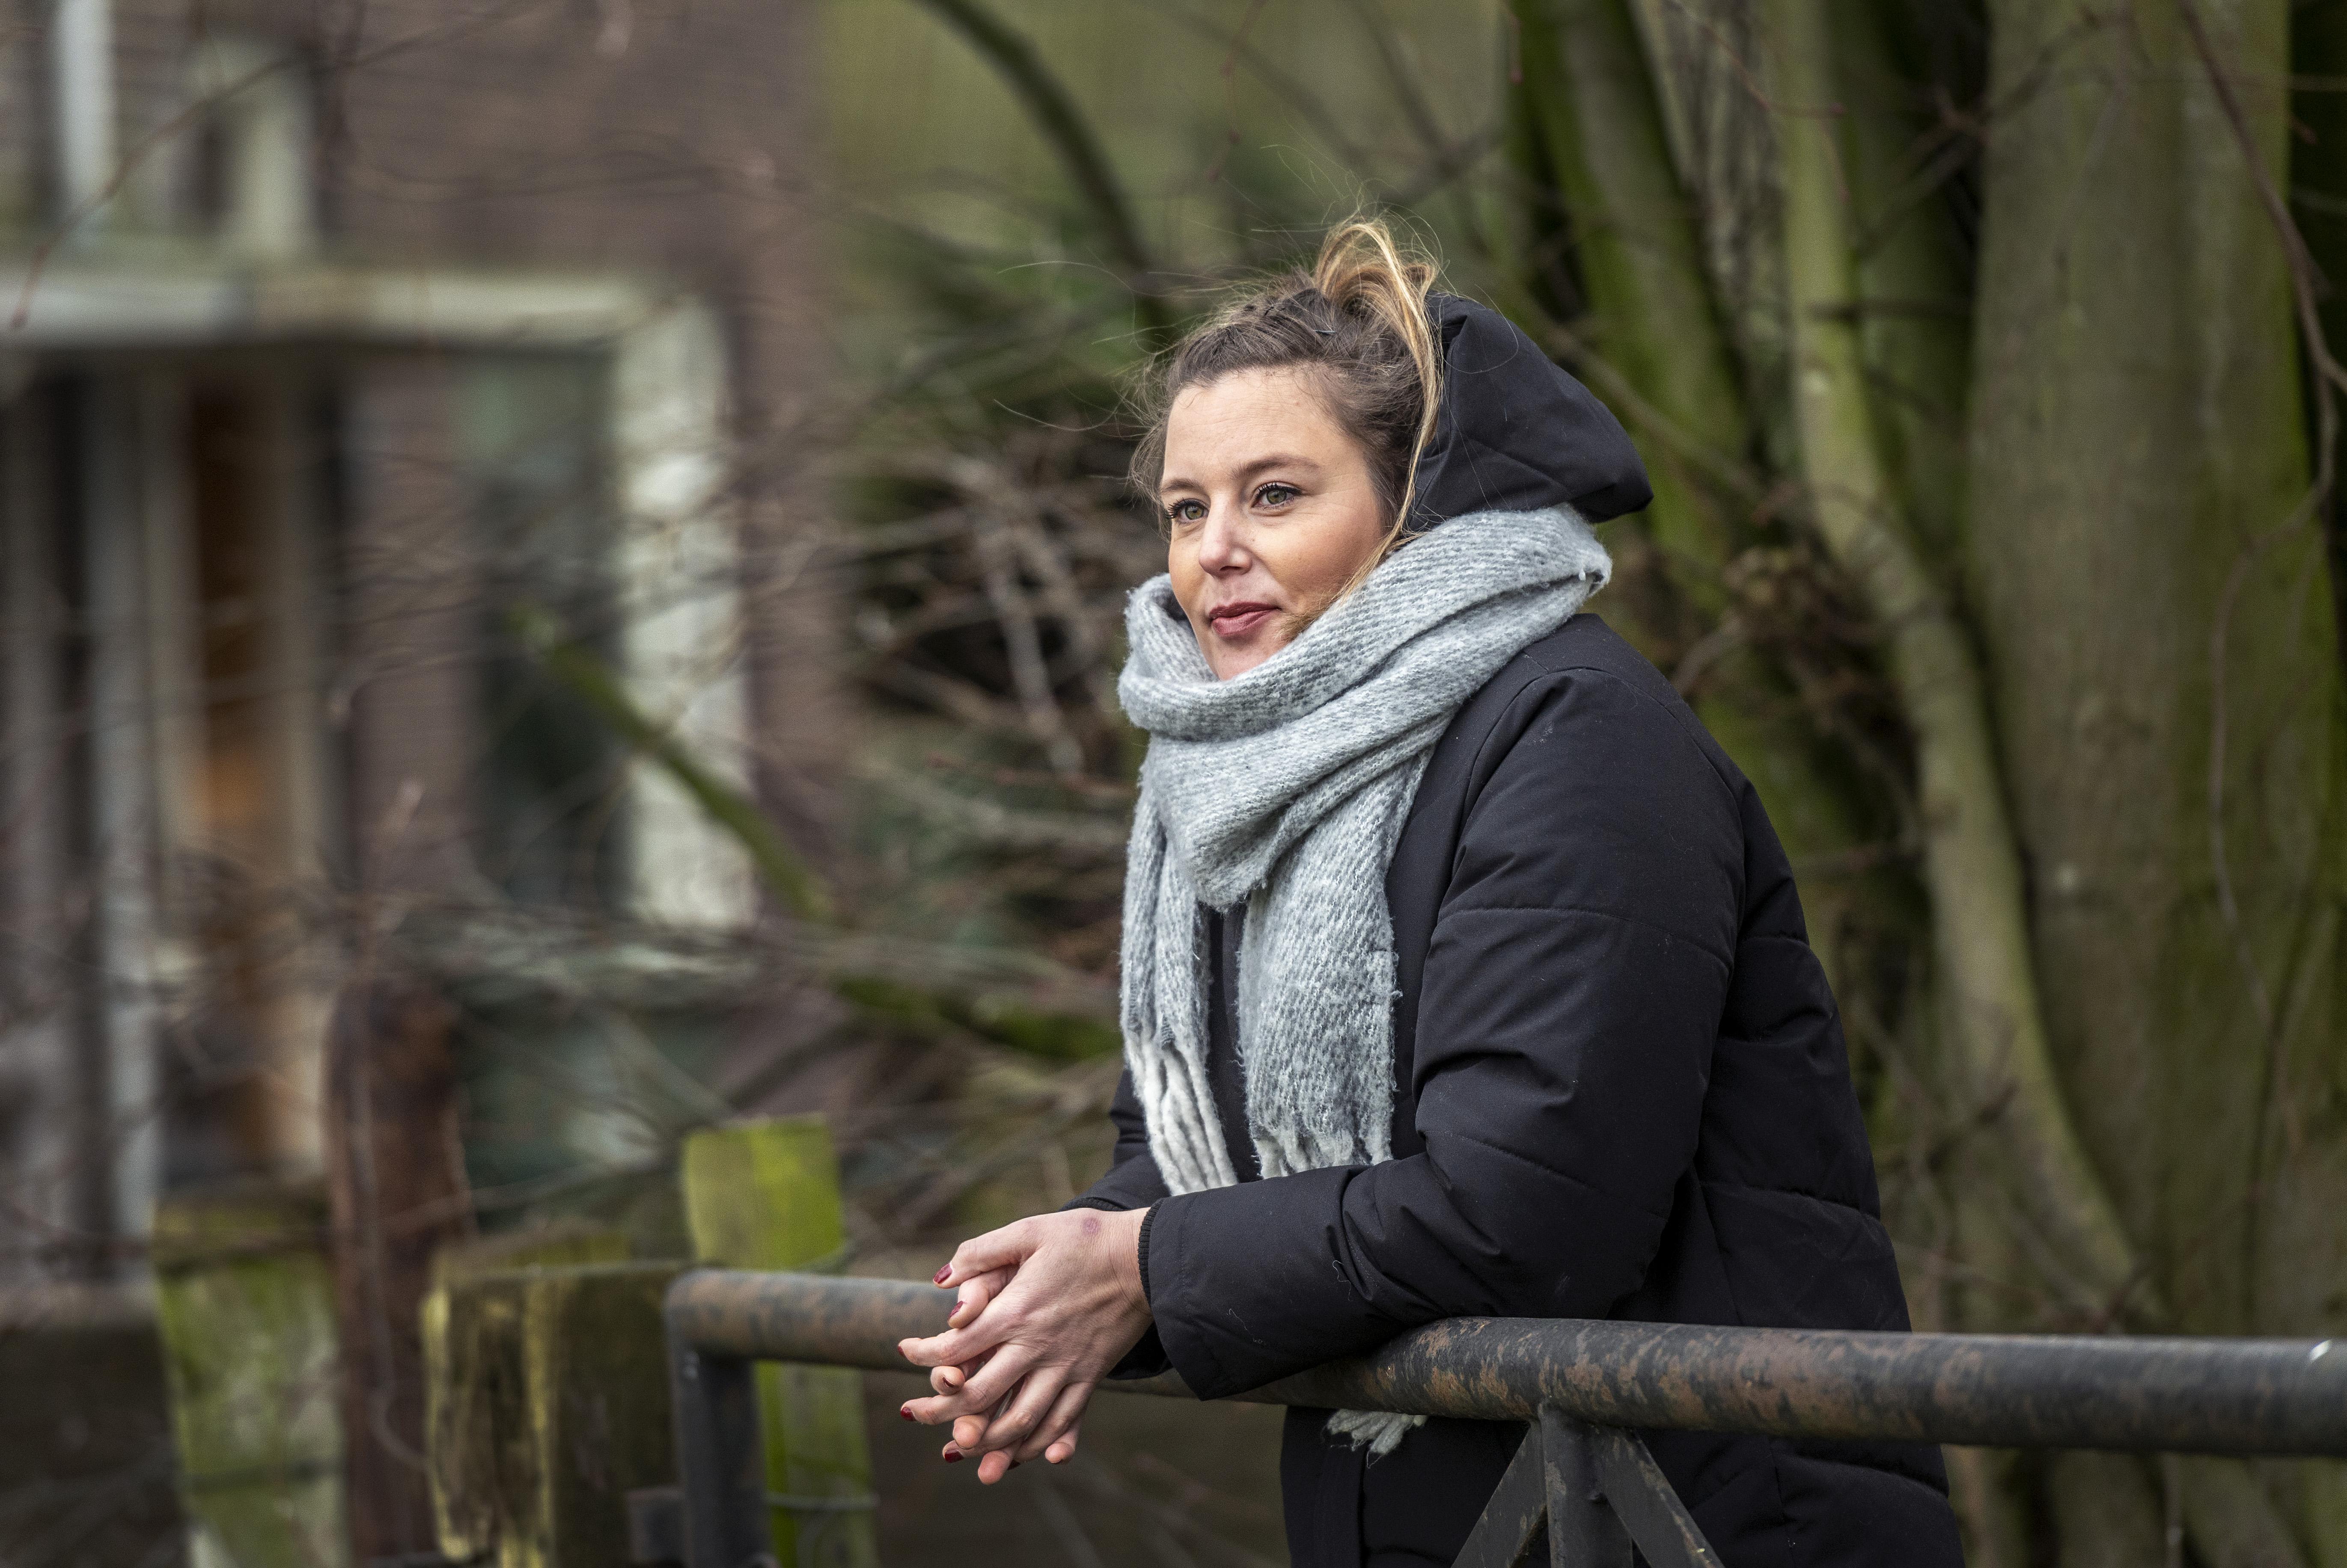 Er is weinig basketbal meer in het leven van Leonie Kooij, voormalig topspeelster van Den Helder en veelvoudig international: 'Als ik terugdenk kan ik niet om de blessures heen'